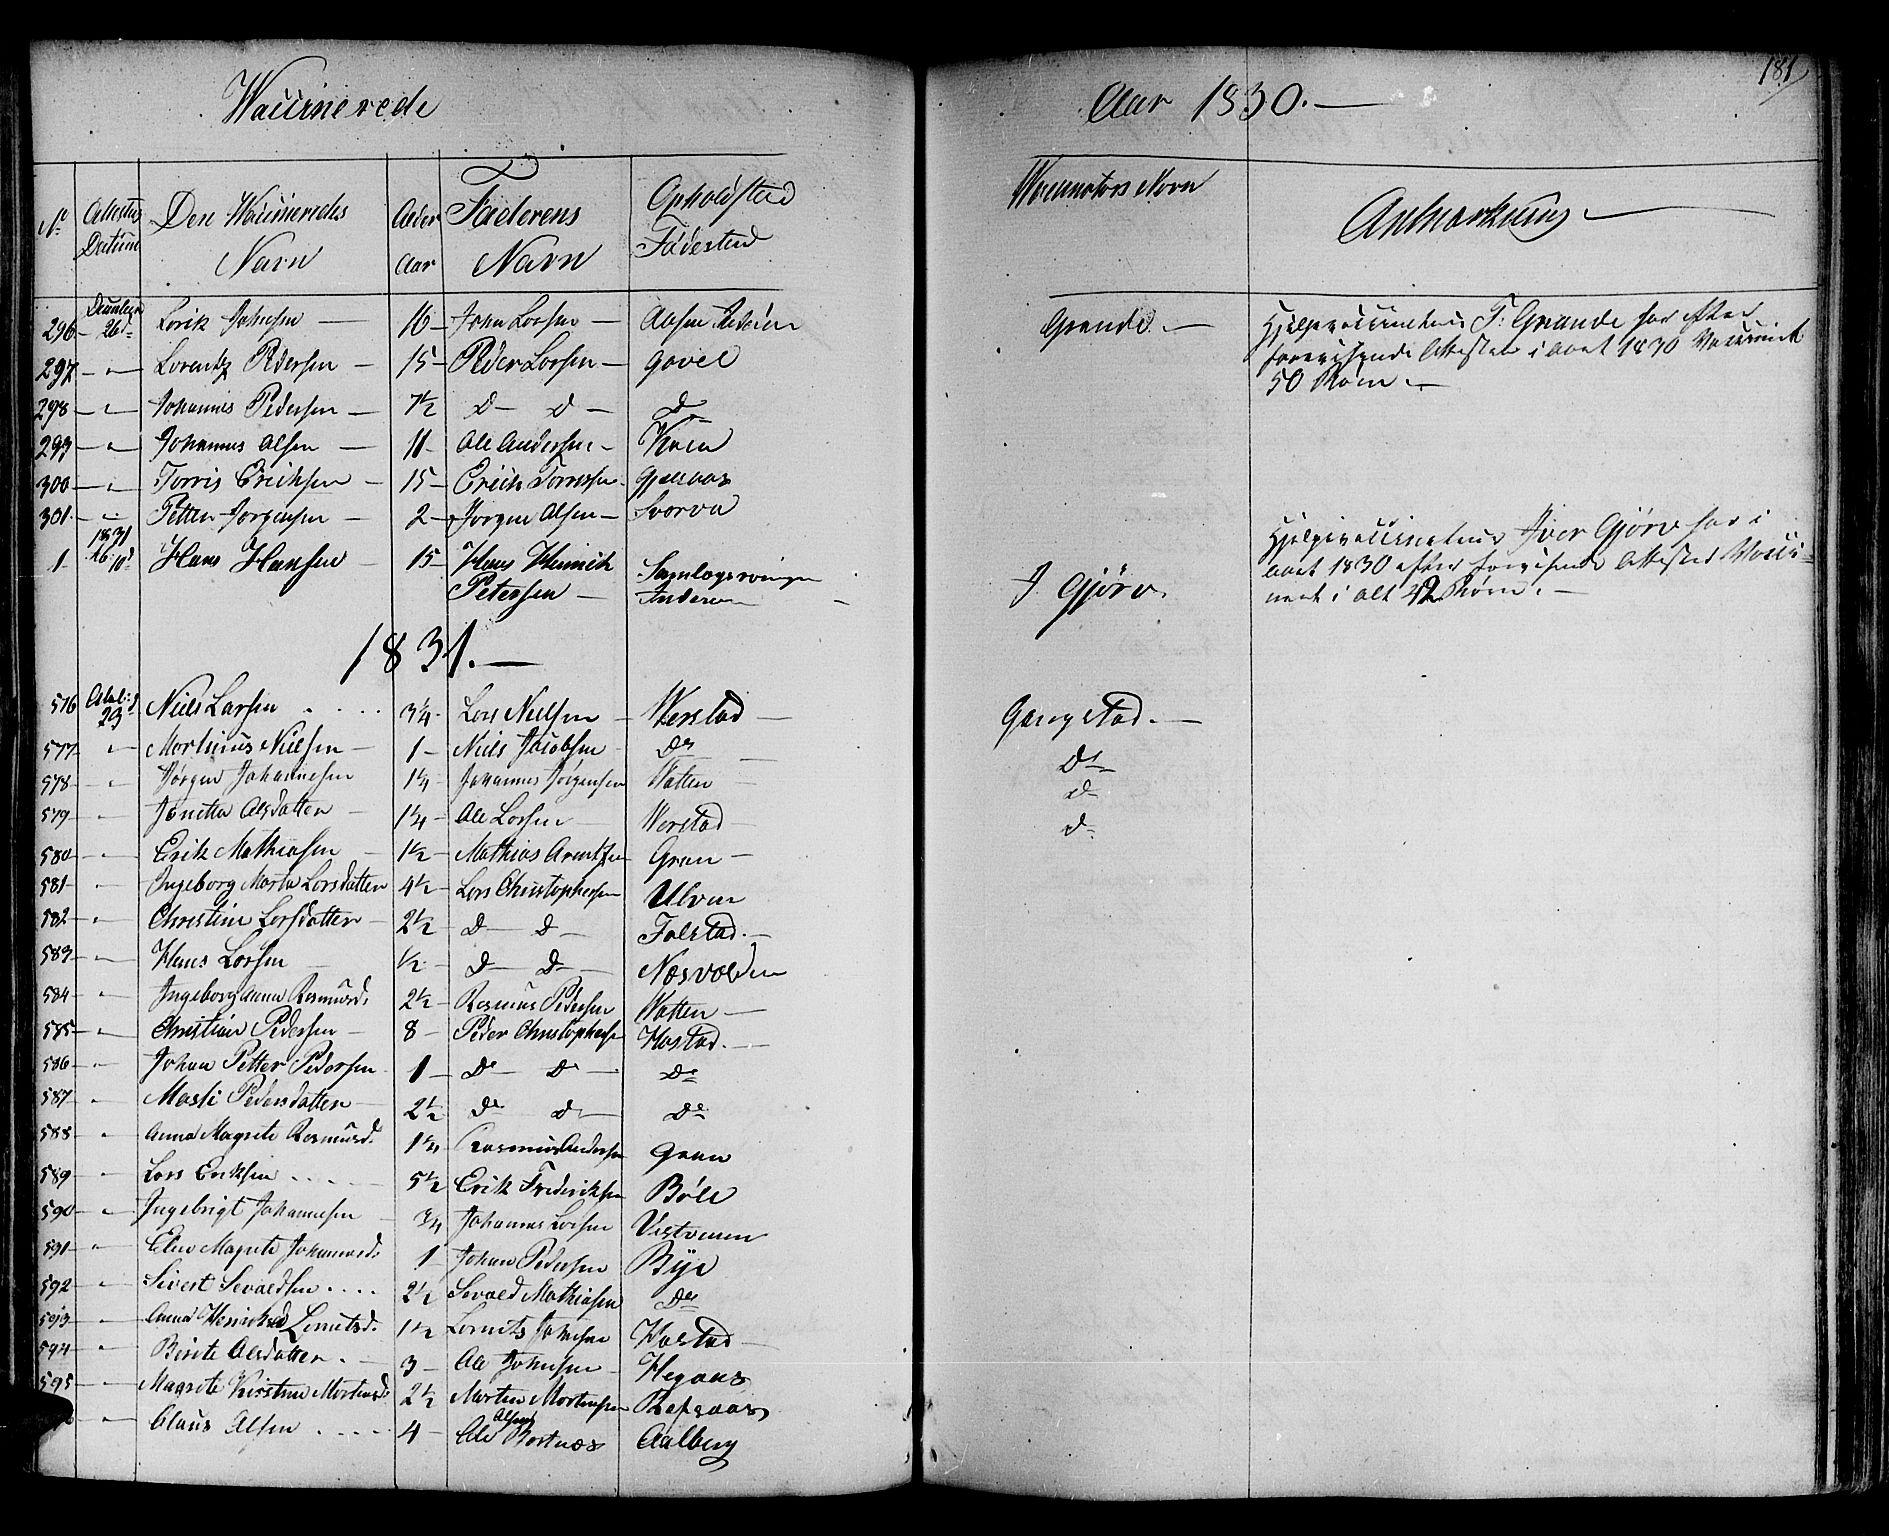 SAT, Ministerialprotokoller, klokkerbøker og fødselsregistre - Nord-Trøndelag, 730/L0277: Ministerialbok nr. 730A06 /1, 1830-1839, s. 181